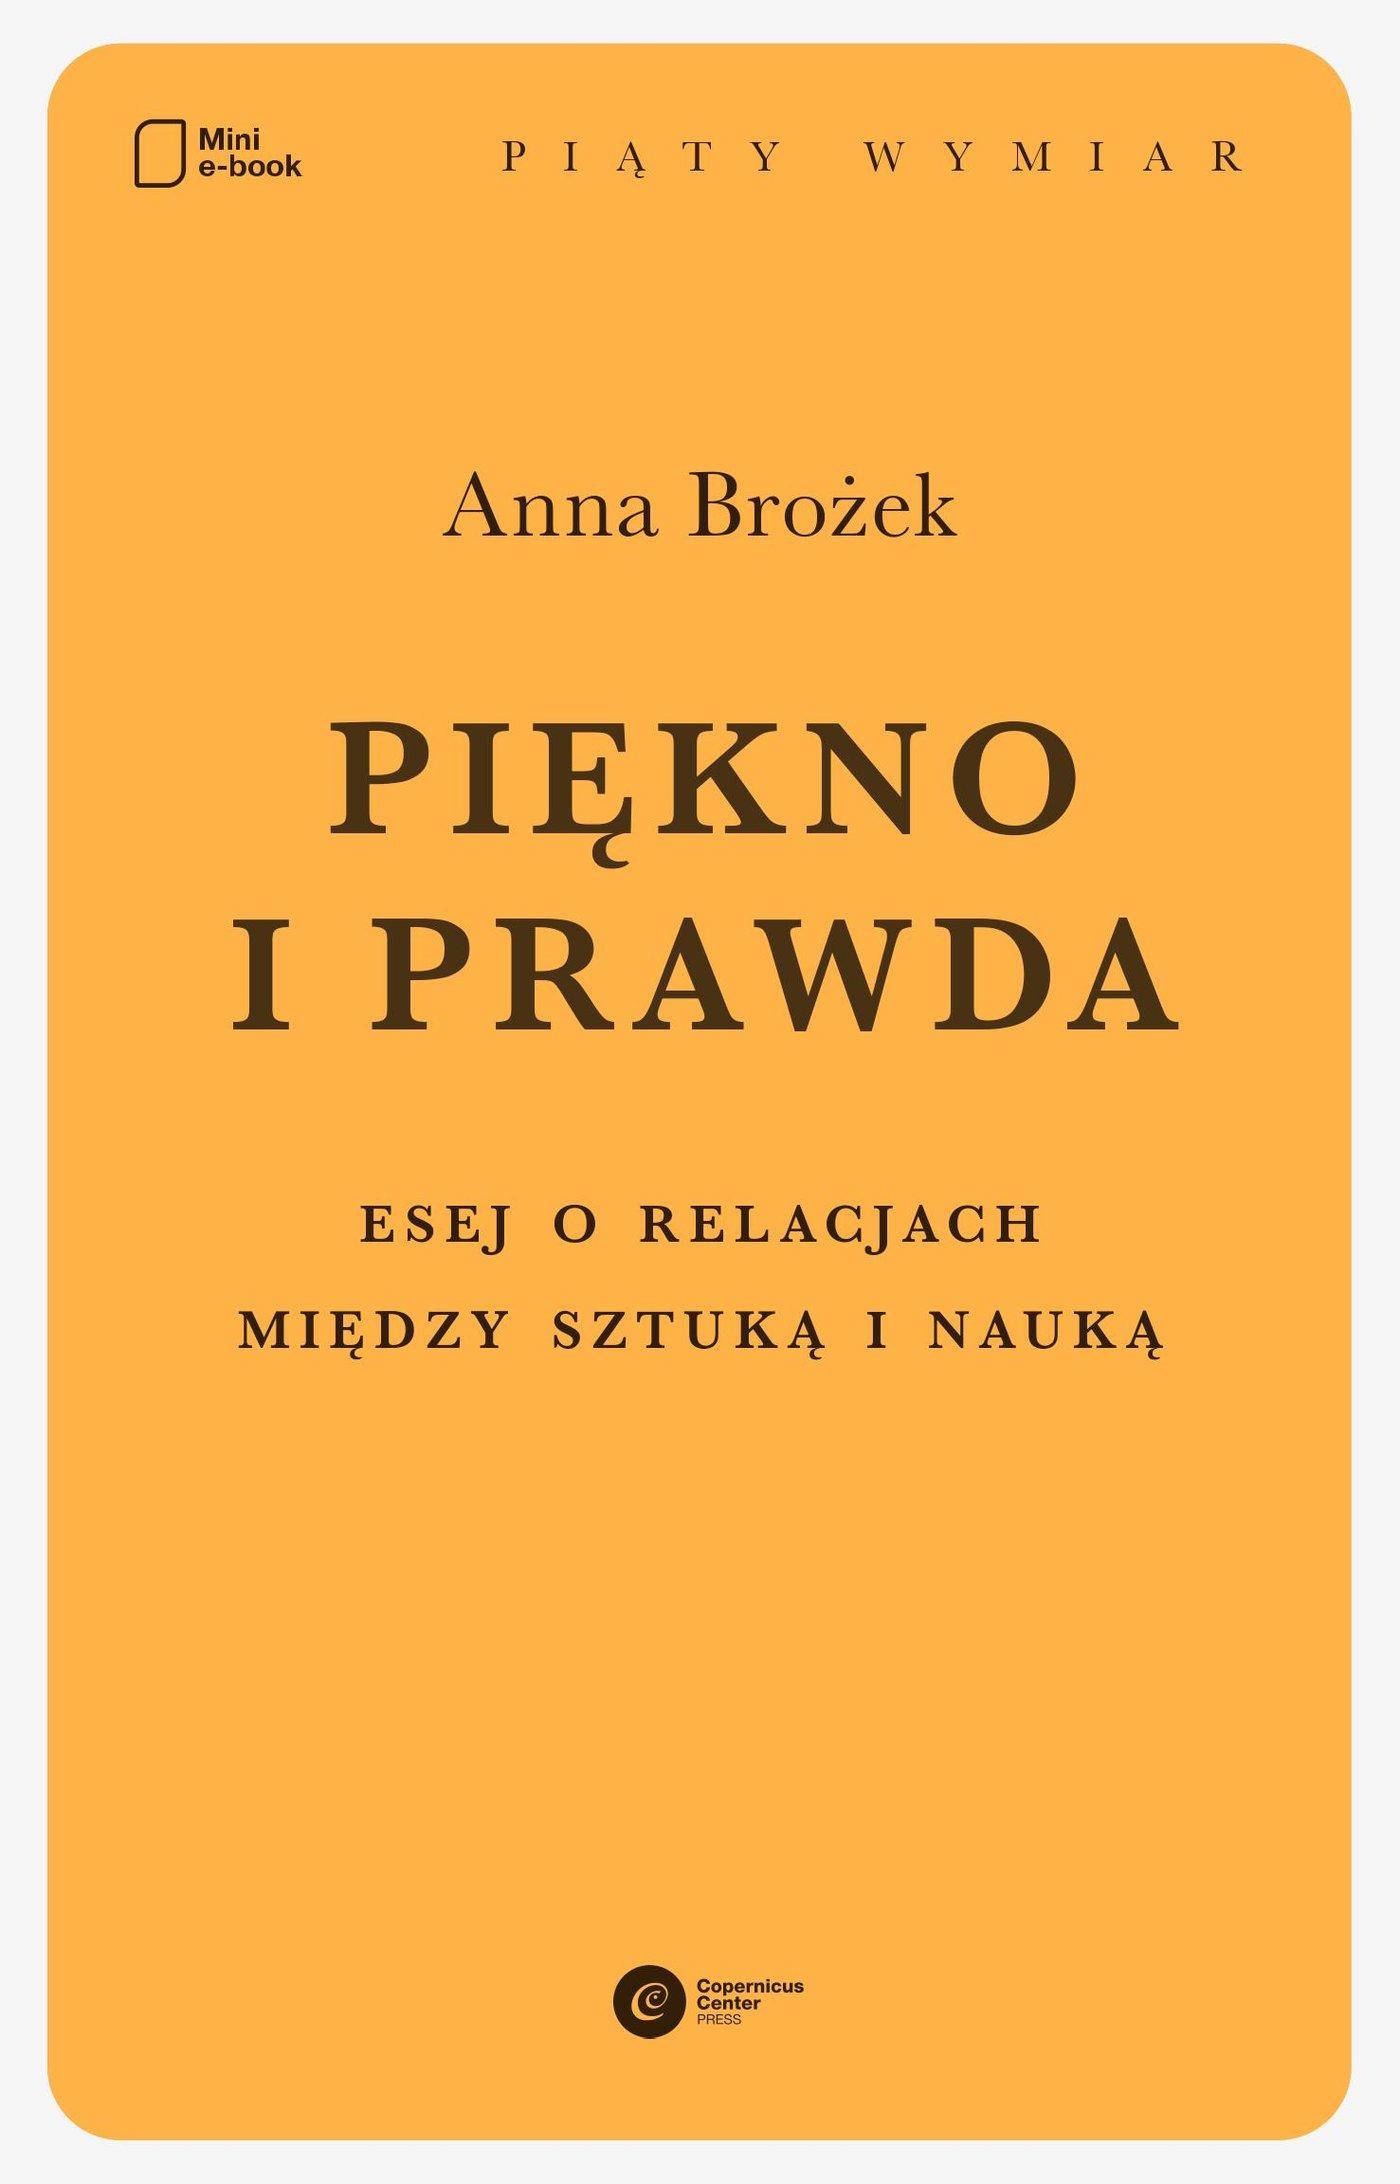 Piękno i prawda - Ebook (Książka na Kindle) do pobrania w formacie MOBI